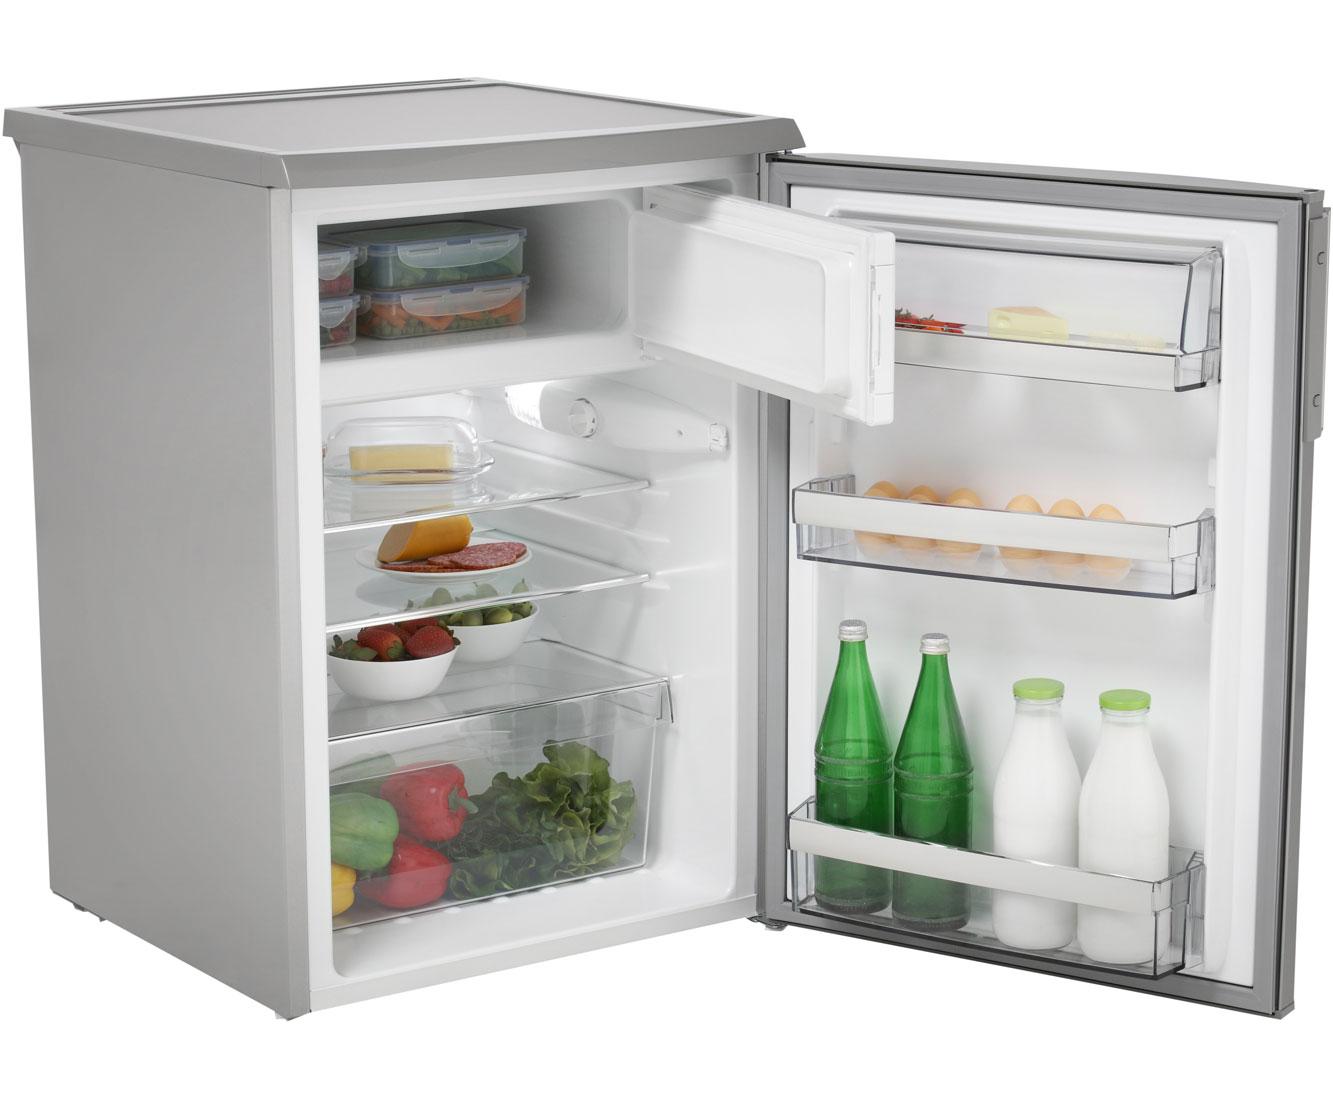 Aeg Kühlschrank Unterbau : Aeg santo rtb ax kühlschrank mit gefrierfach edelstahl a